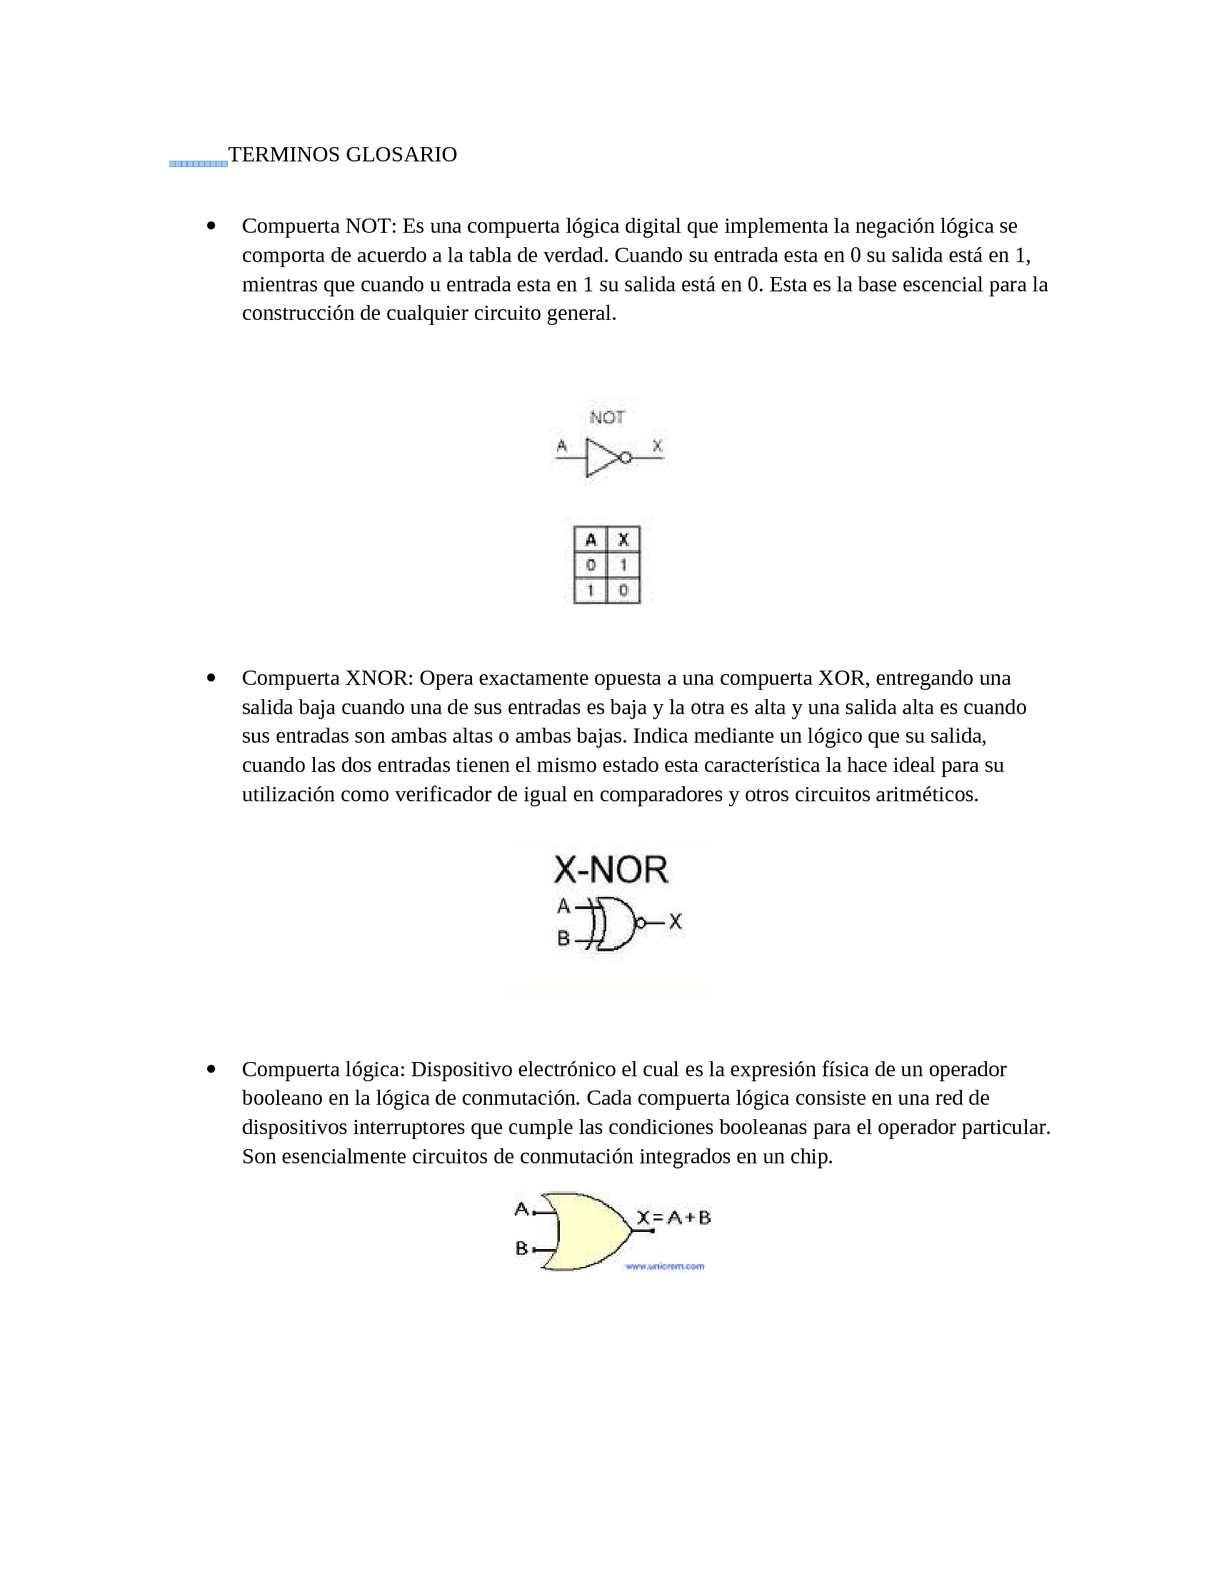 Circuito Xnor : Calaméo terminos glosario